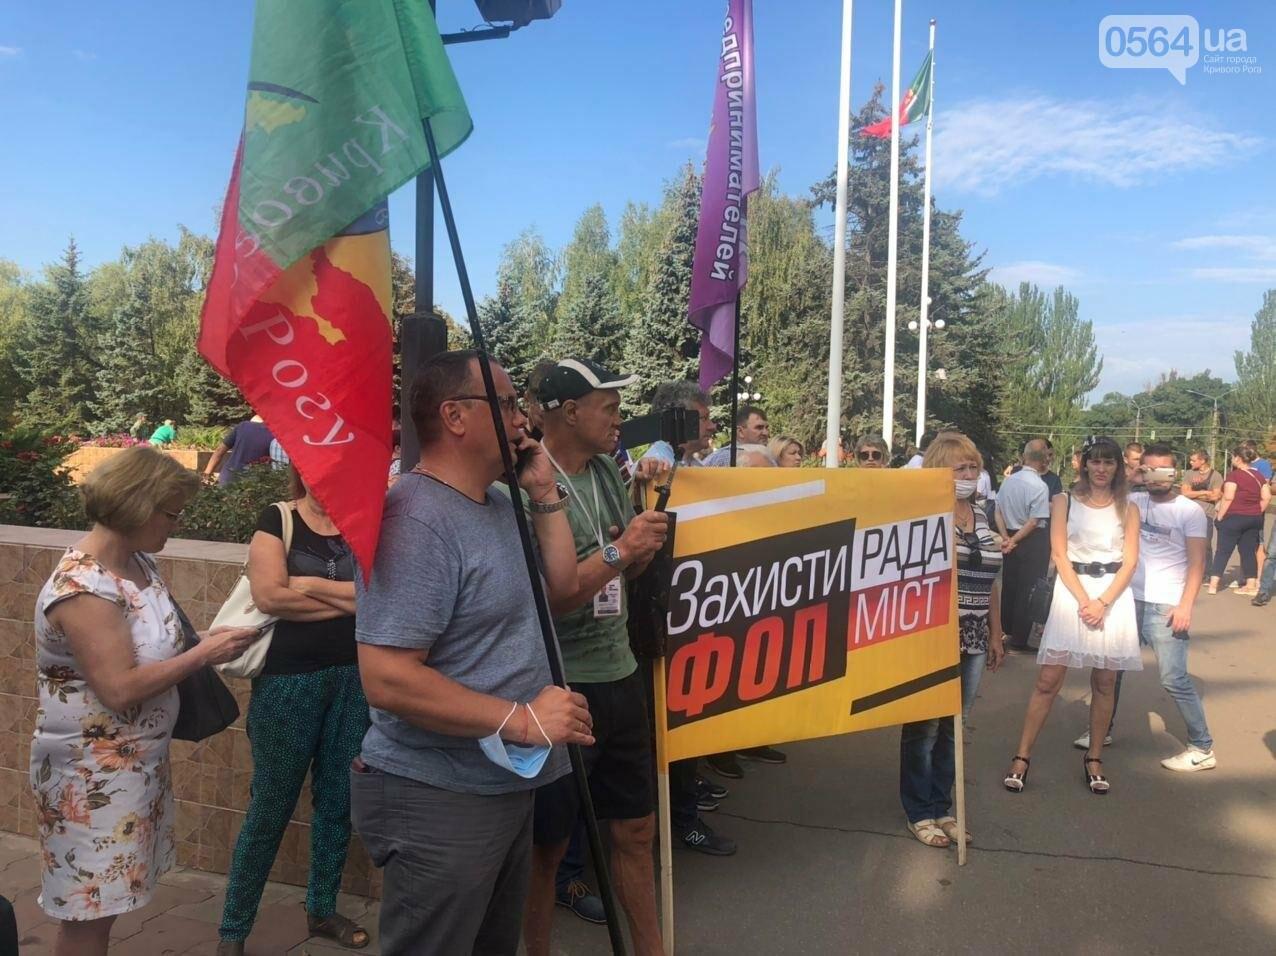 Криворожские предприниматели снова вышли на акцию, - ФОТО, фото-1